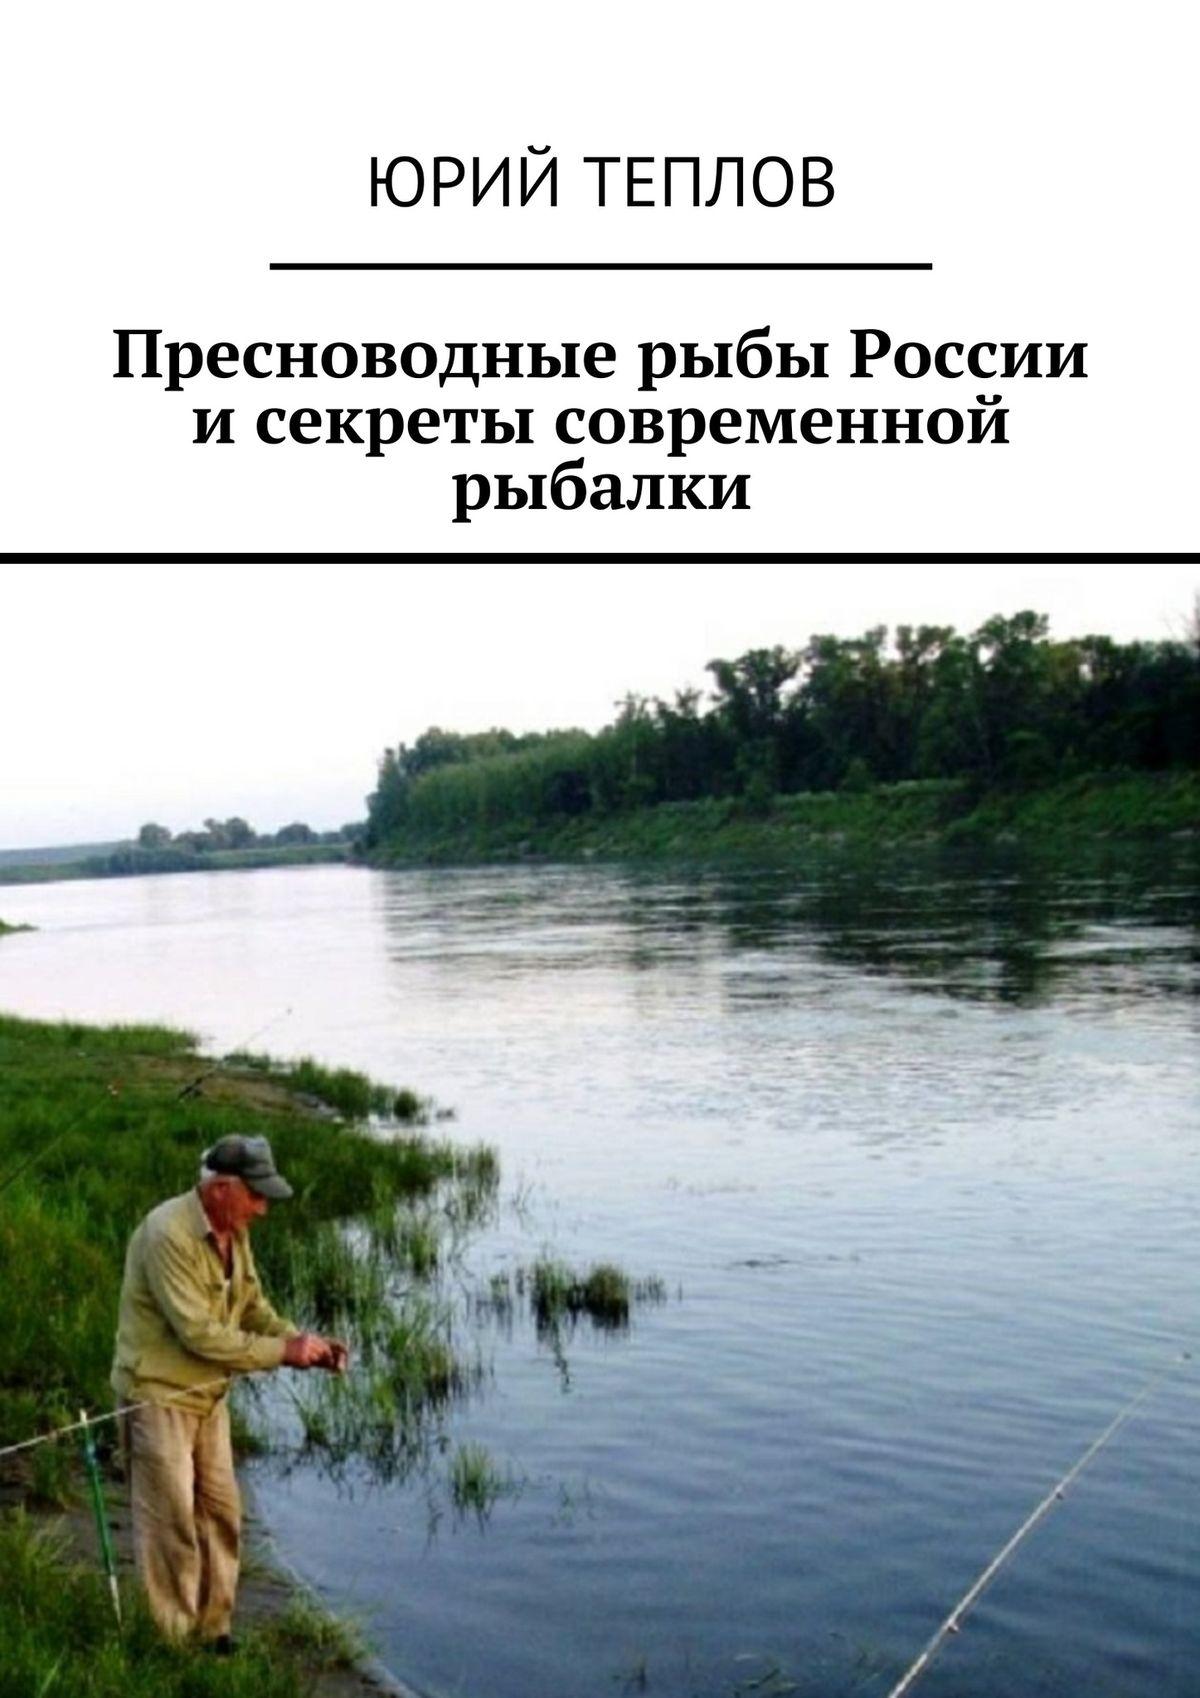 Пресноводные рыбы России исекреты современной рыбалки